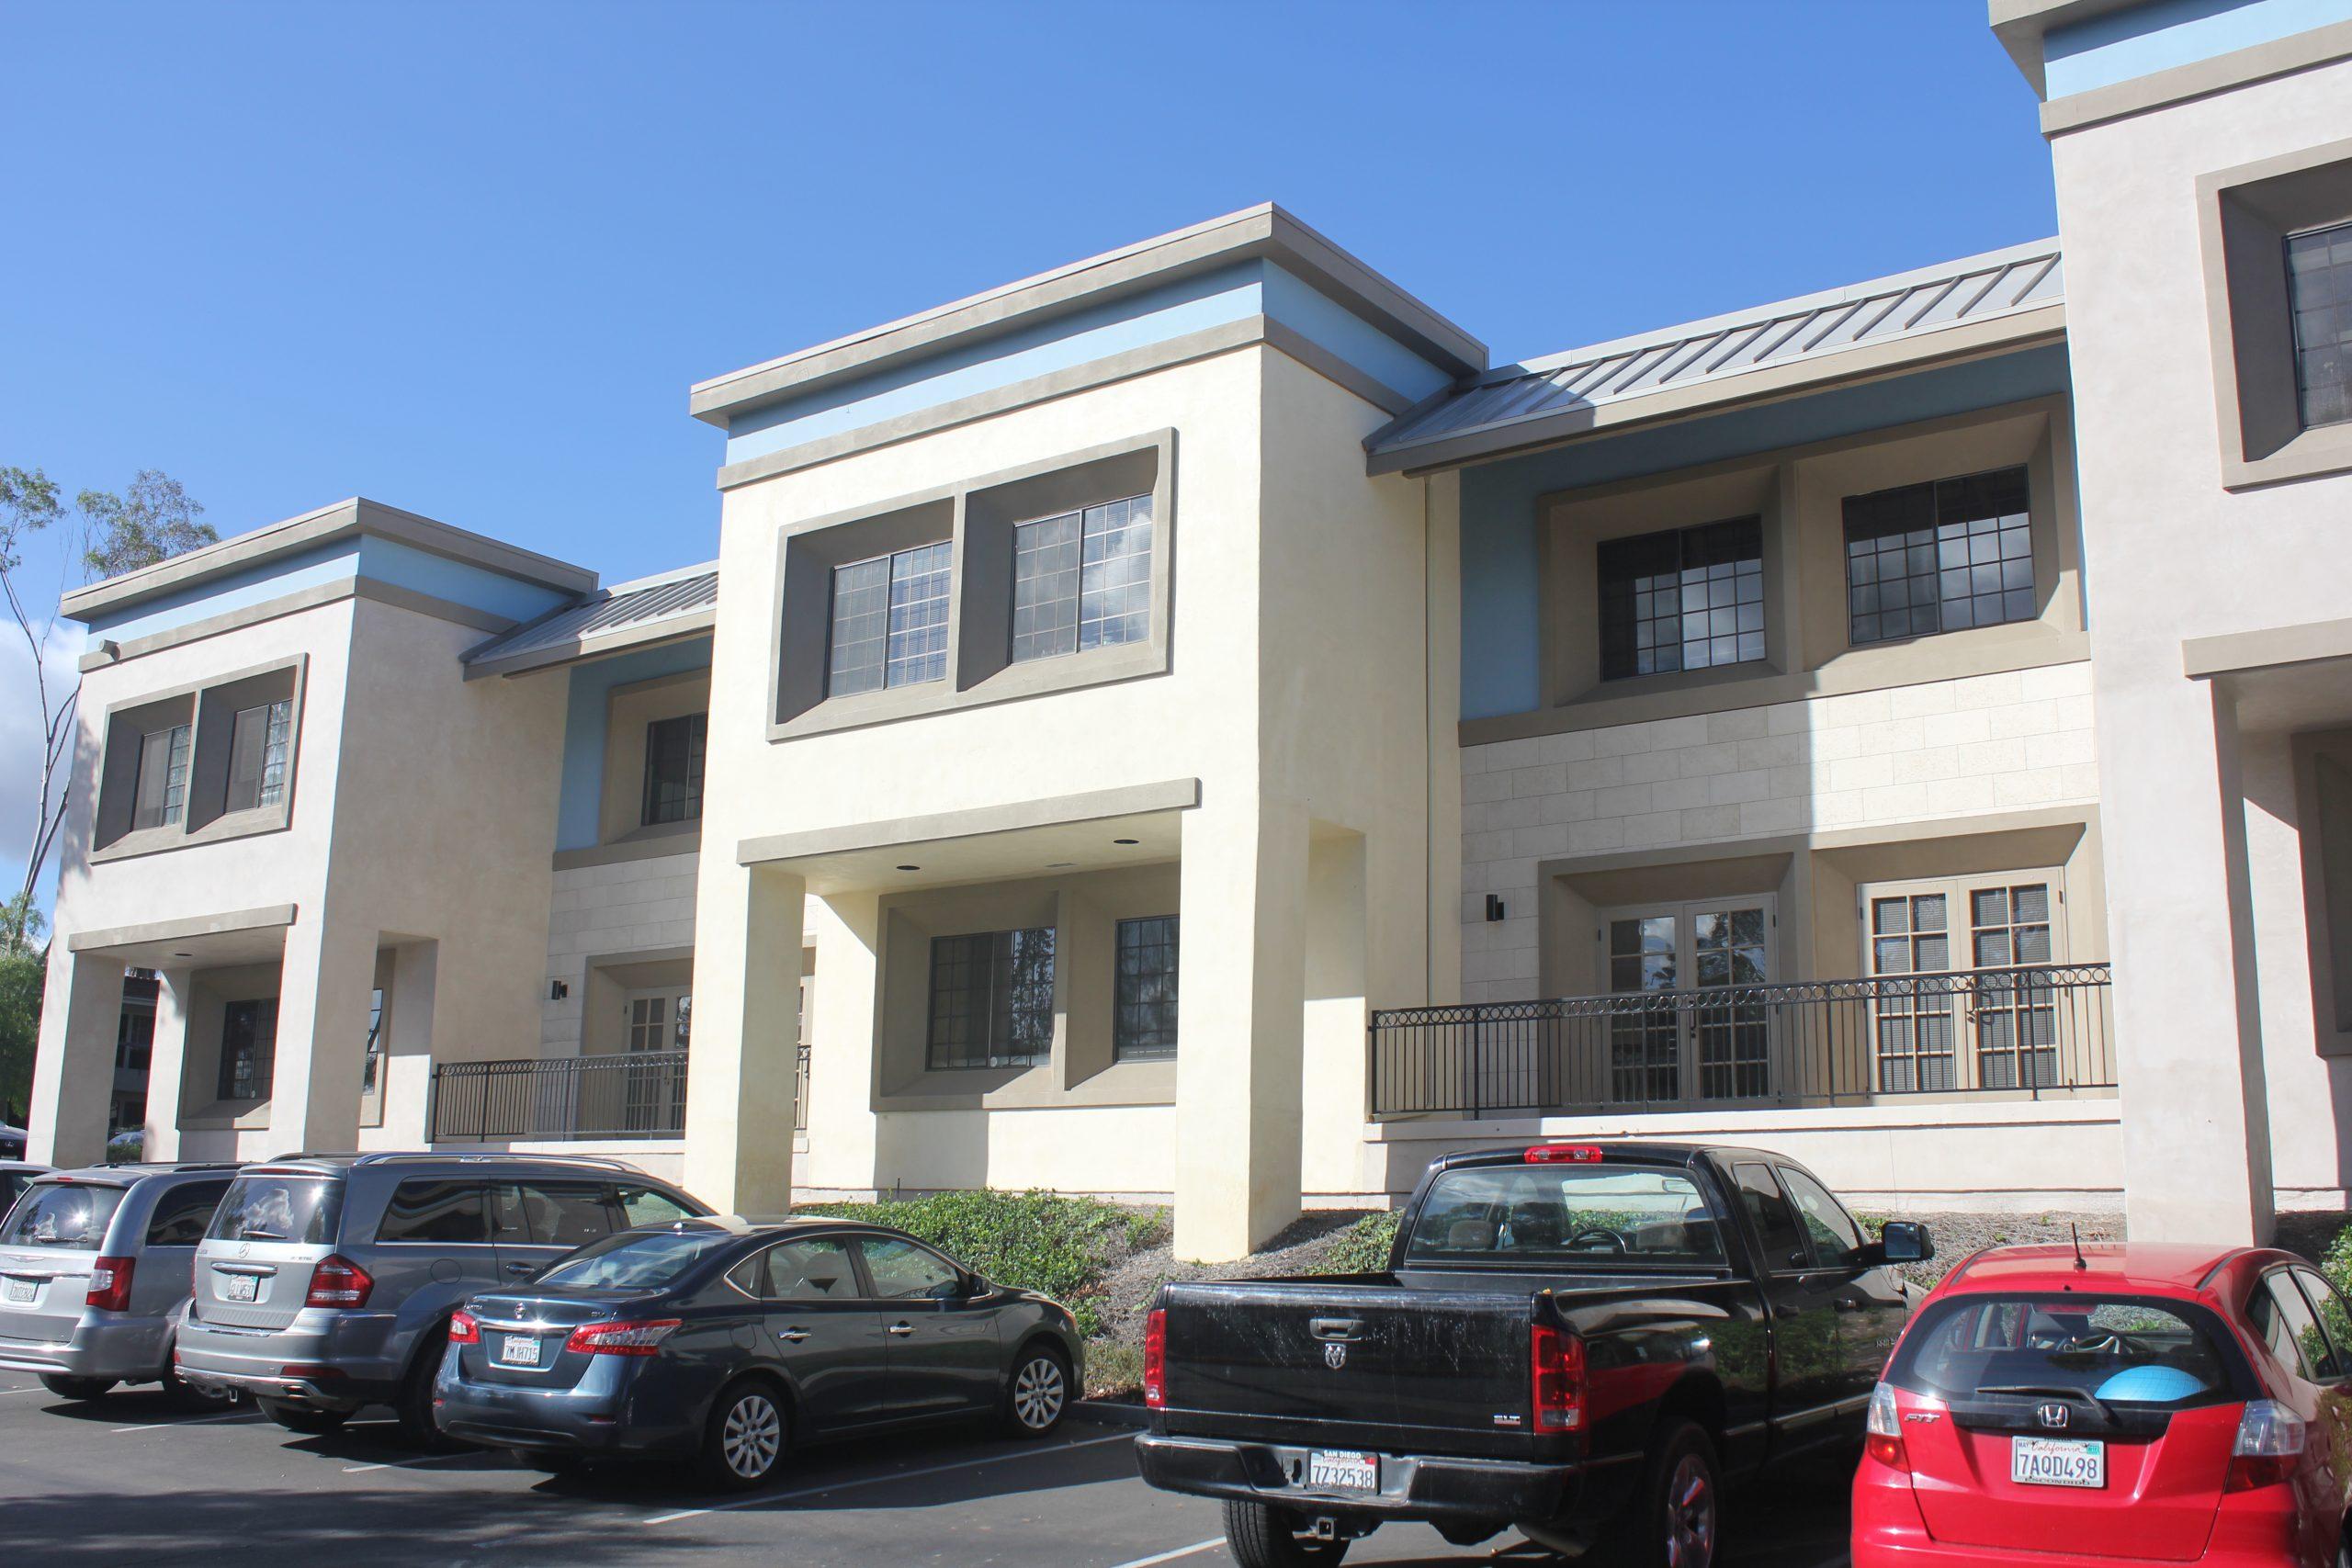 אלטו מכרה נכס בסן דייגו לקרן ריט אמריקאית גדולה ב-17 מיליון דולר